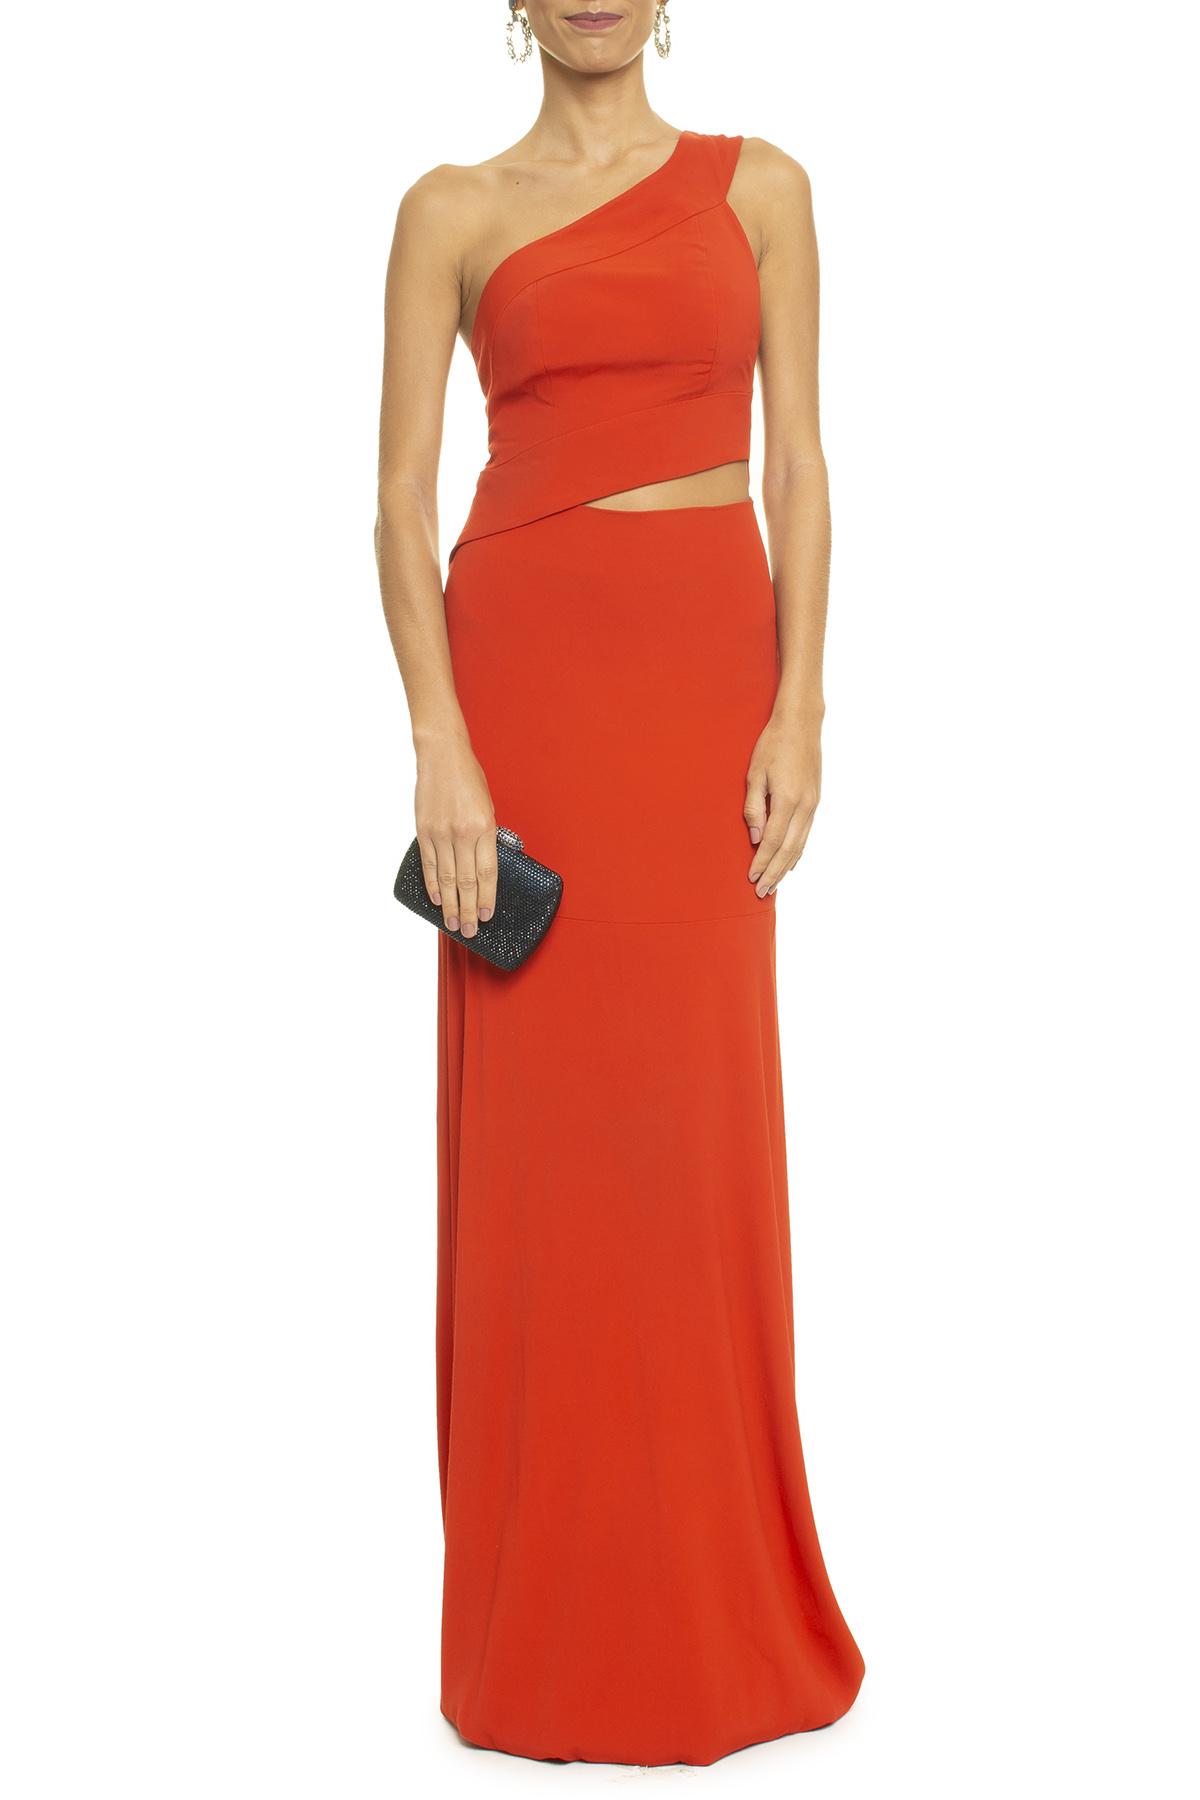 Vestido Simone Orange